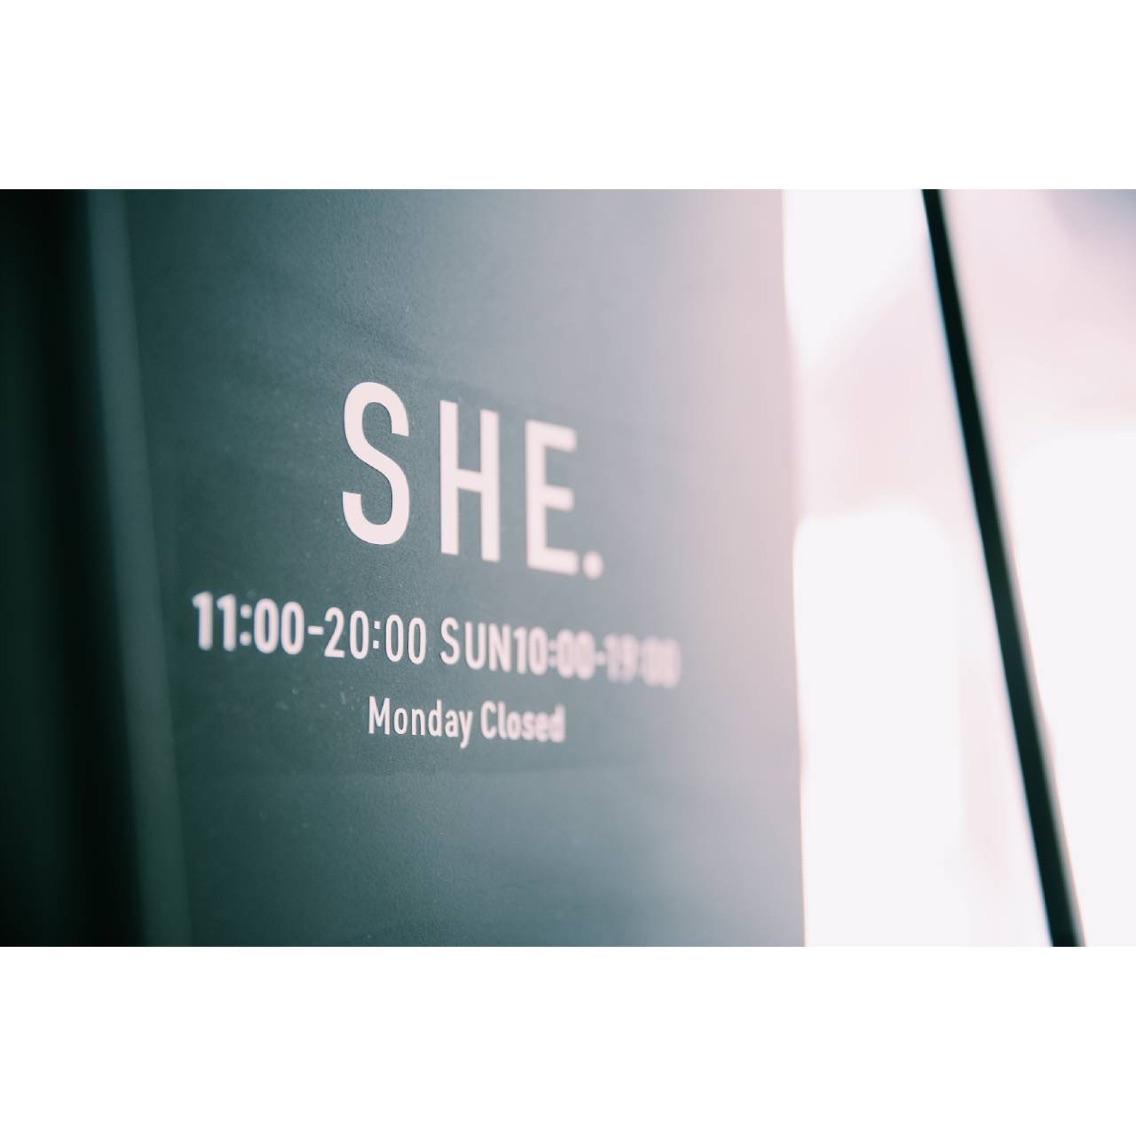 SHE.hairdesign/SHE.eyelash